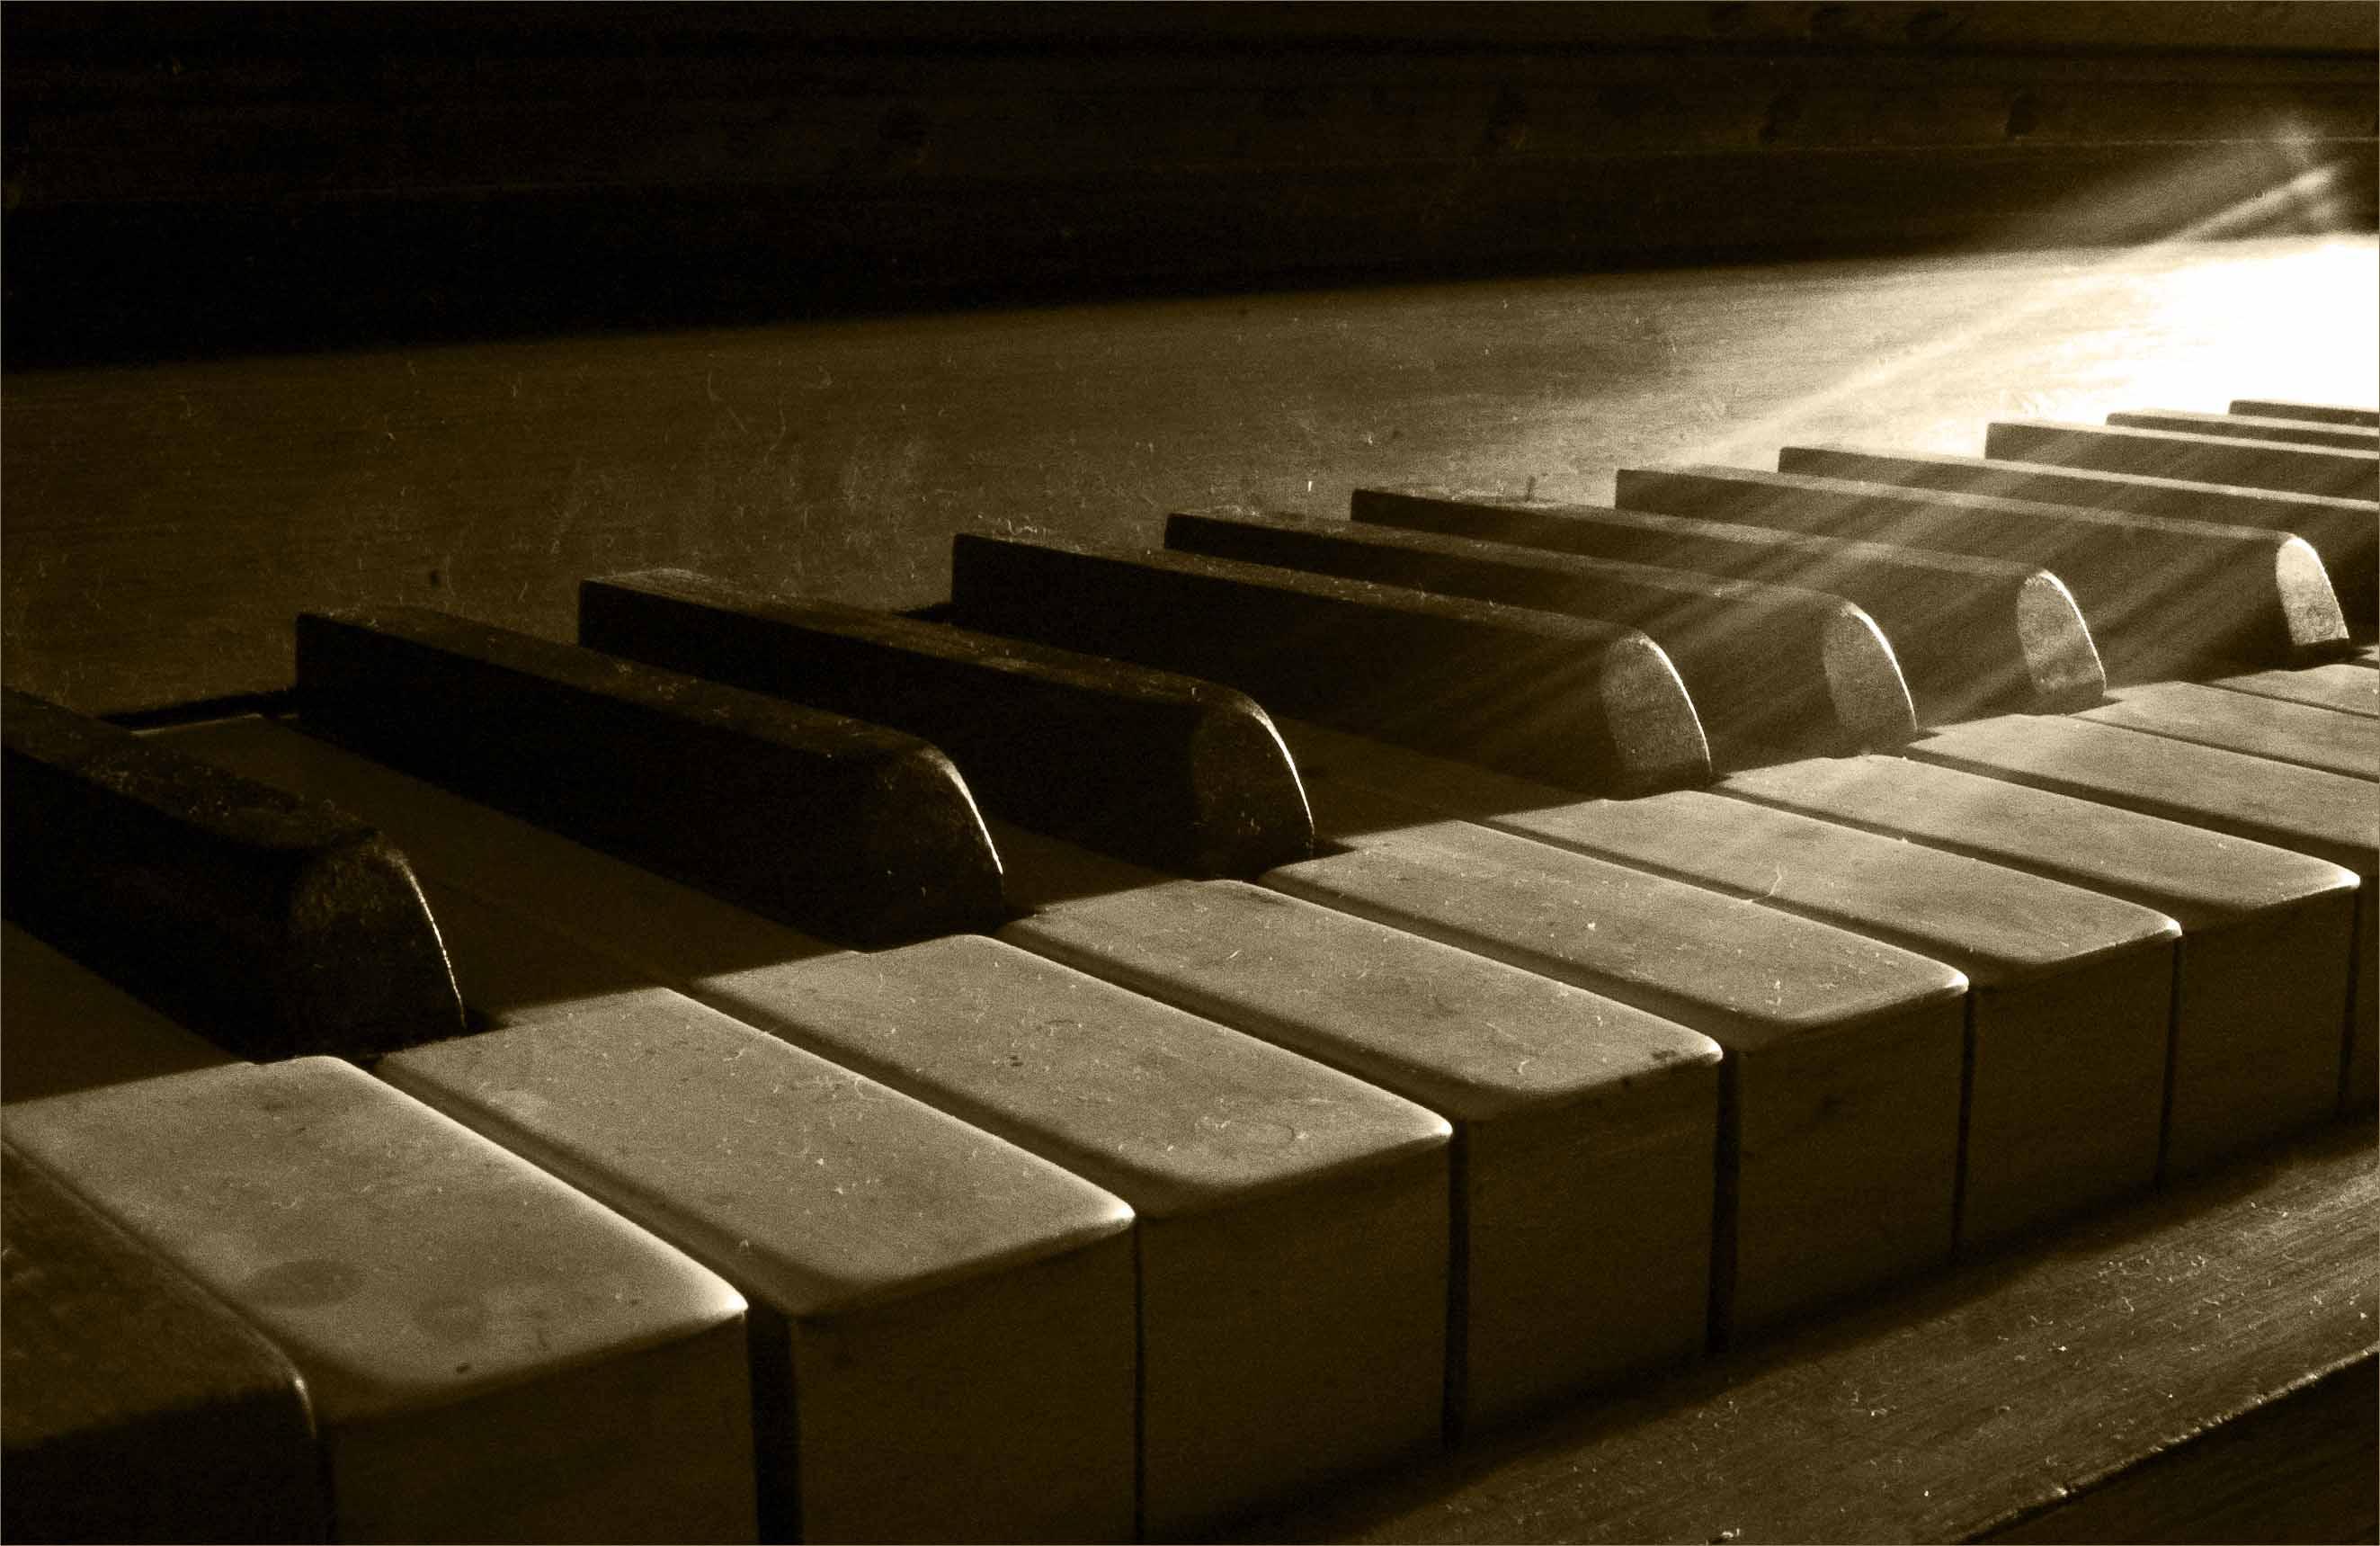 Членом по пианино 4 фотография